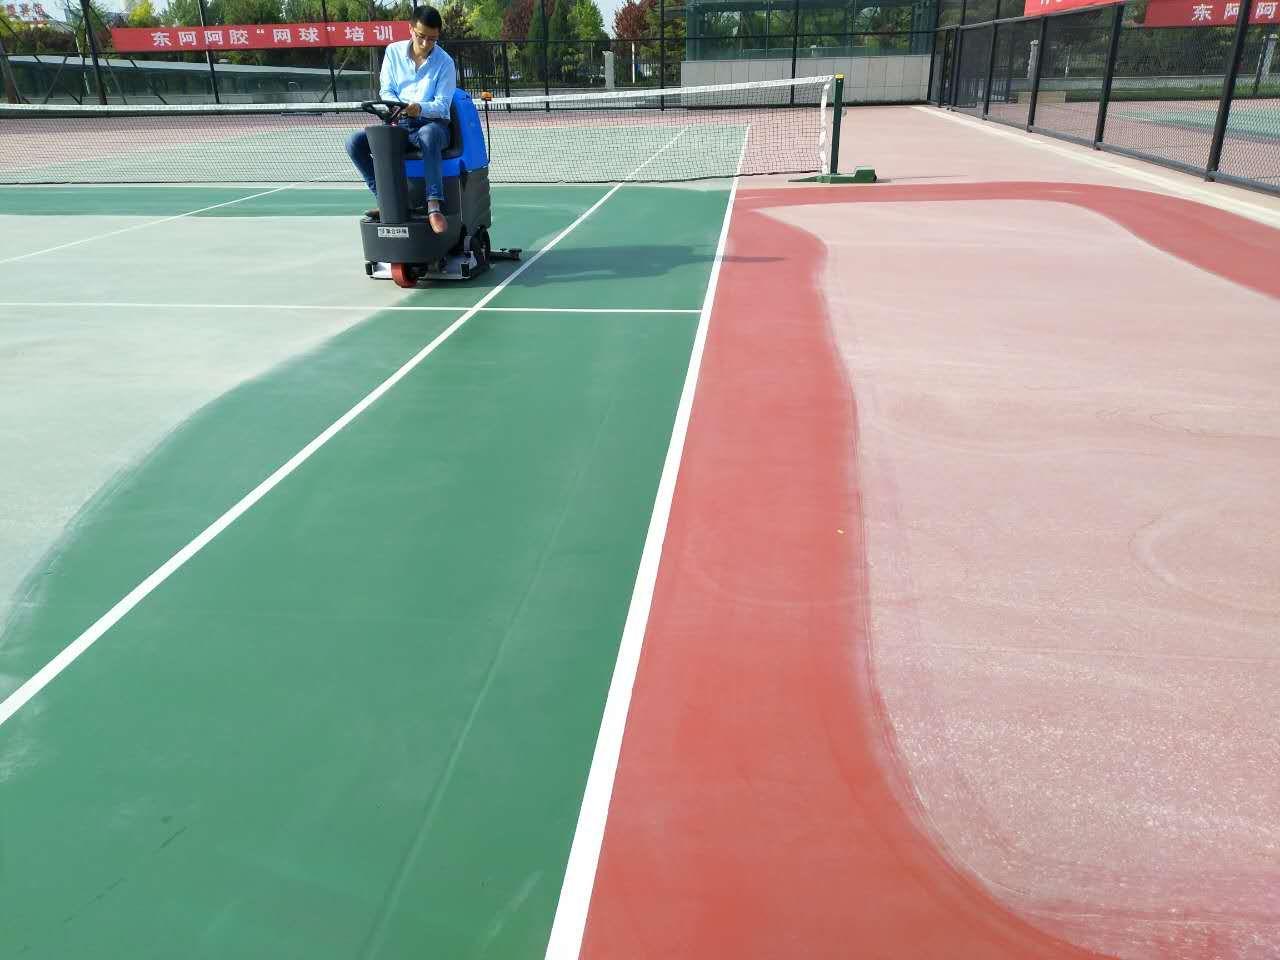 学校羽毛球场清洗橡胶地面用驾驶式电动清洗车